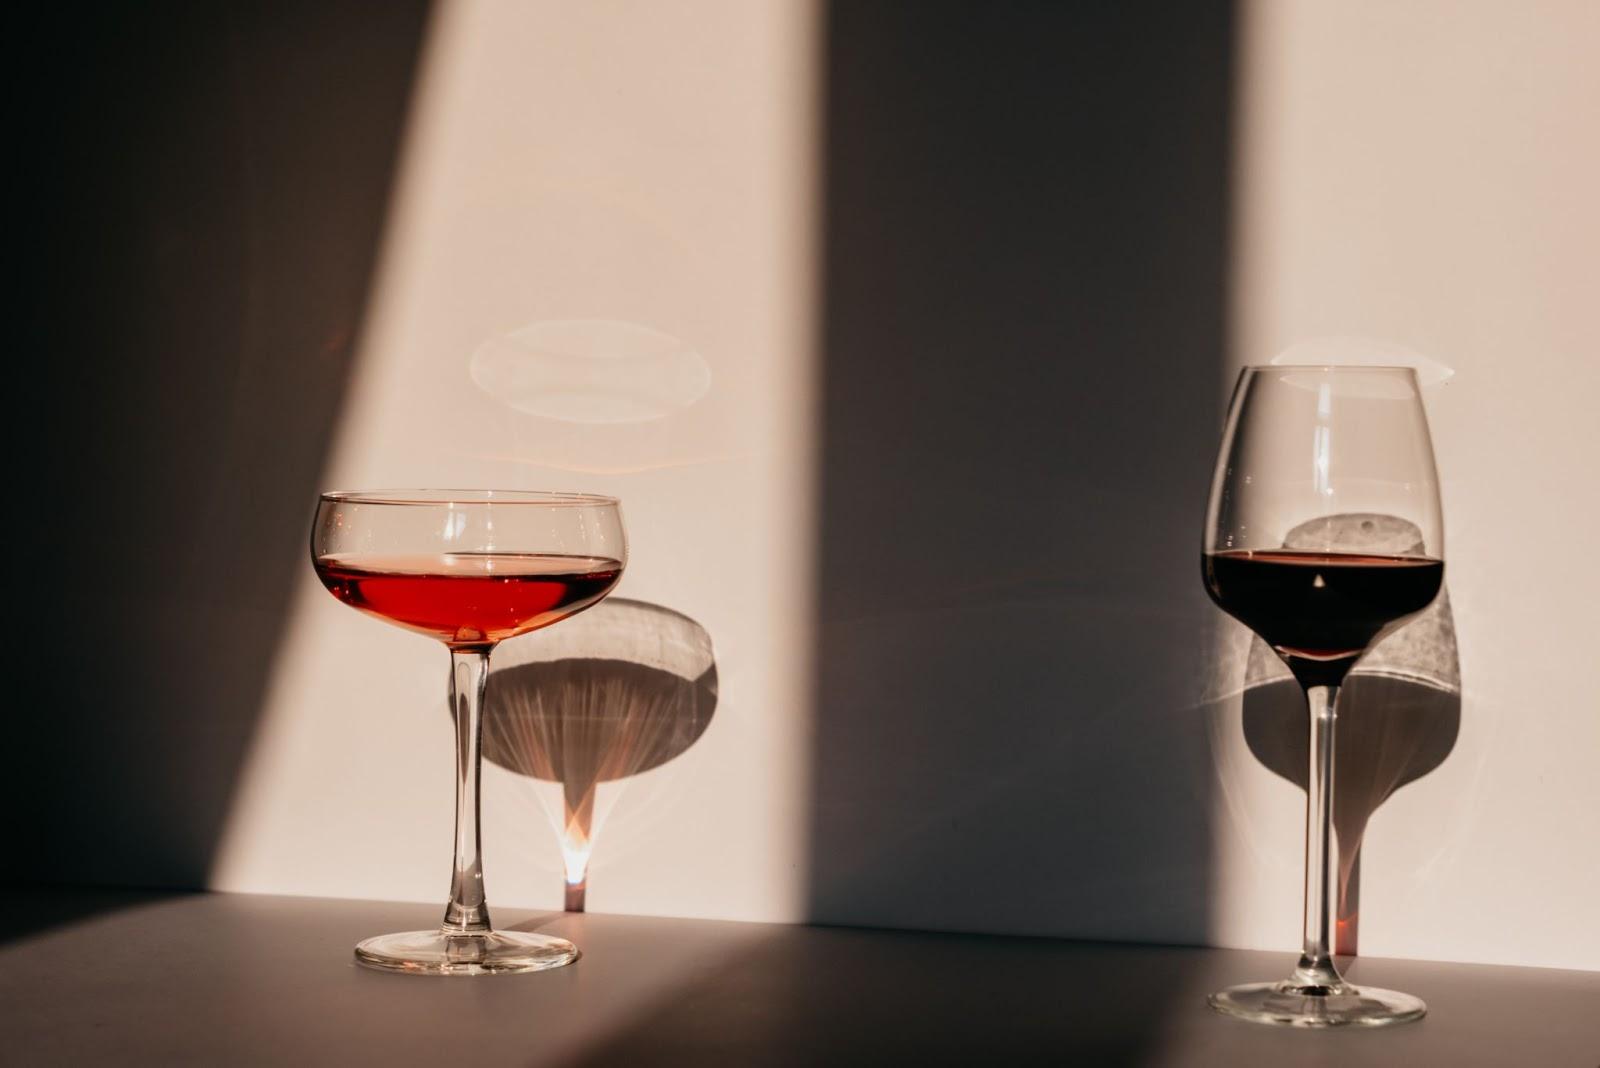 Imagem que mostra duas taças de vinho à sombra